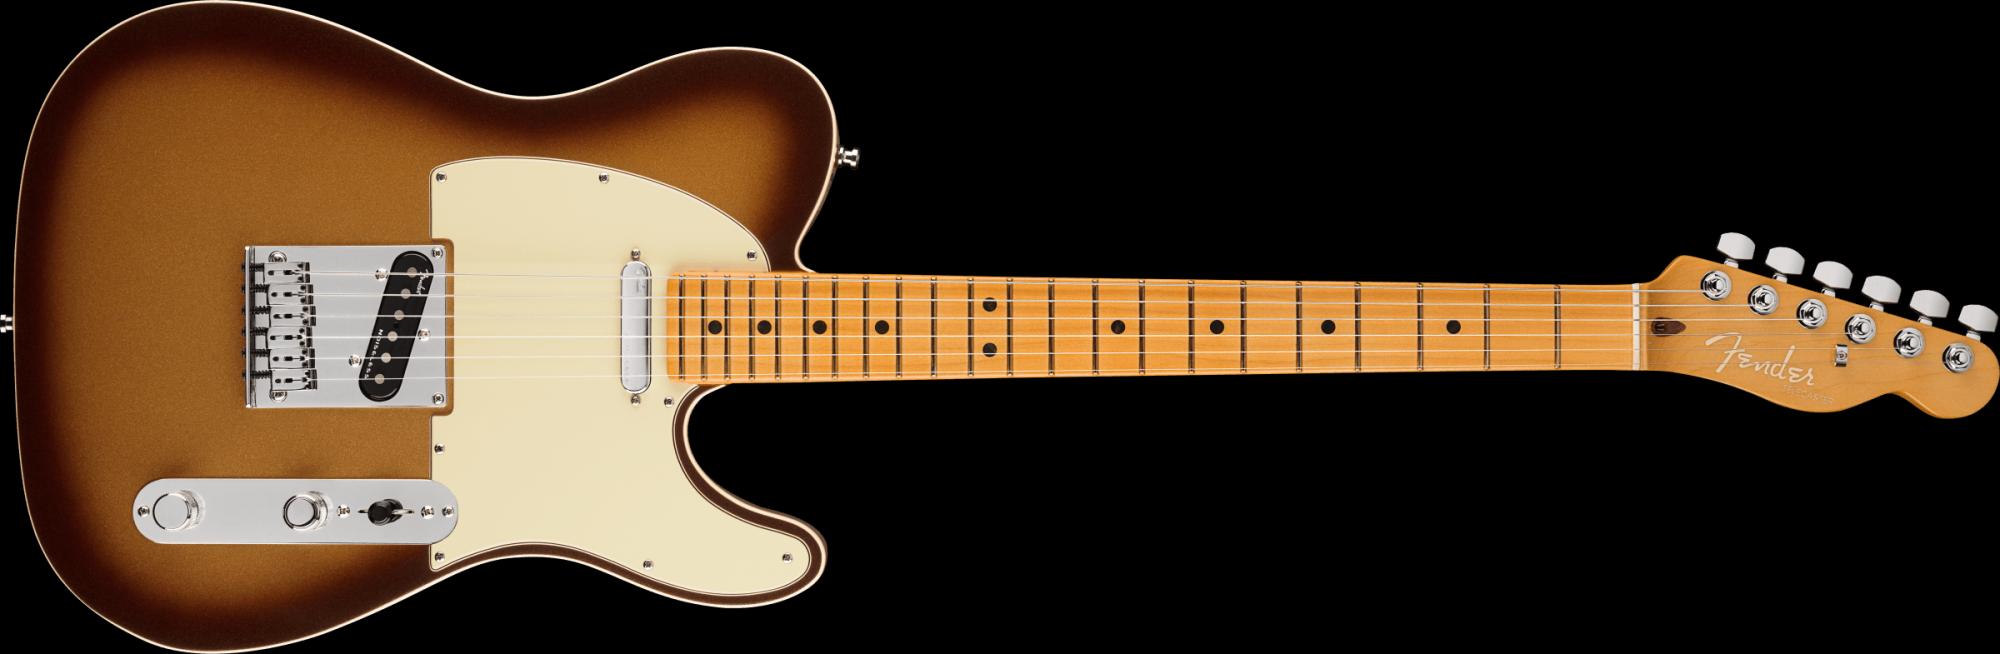 Fender Ultra Telecaster Mocha Burst Maple